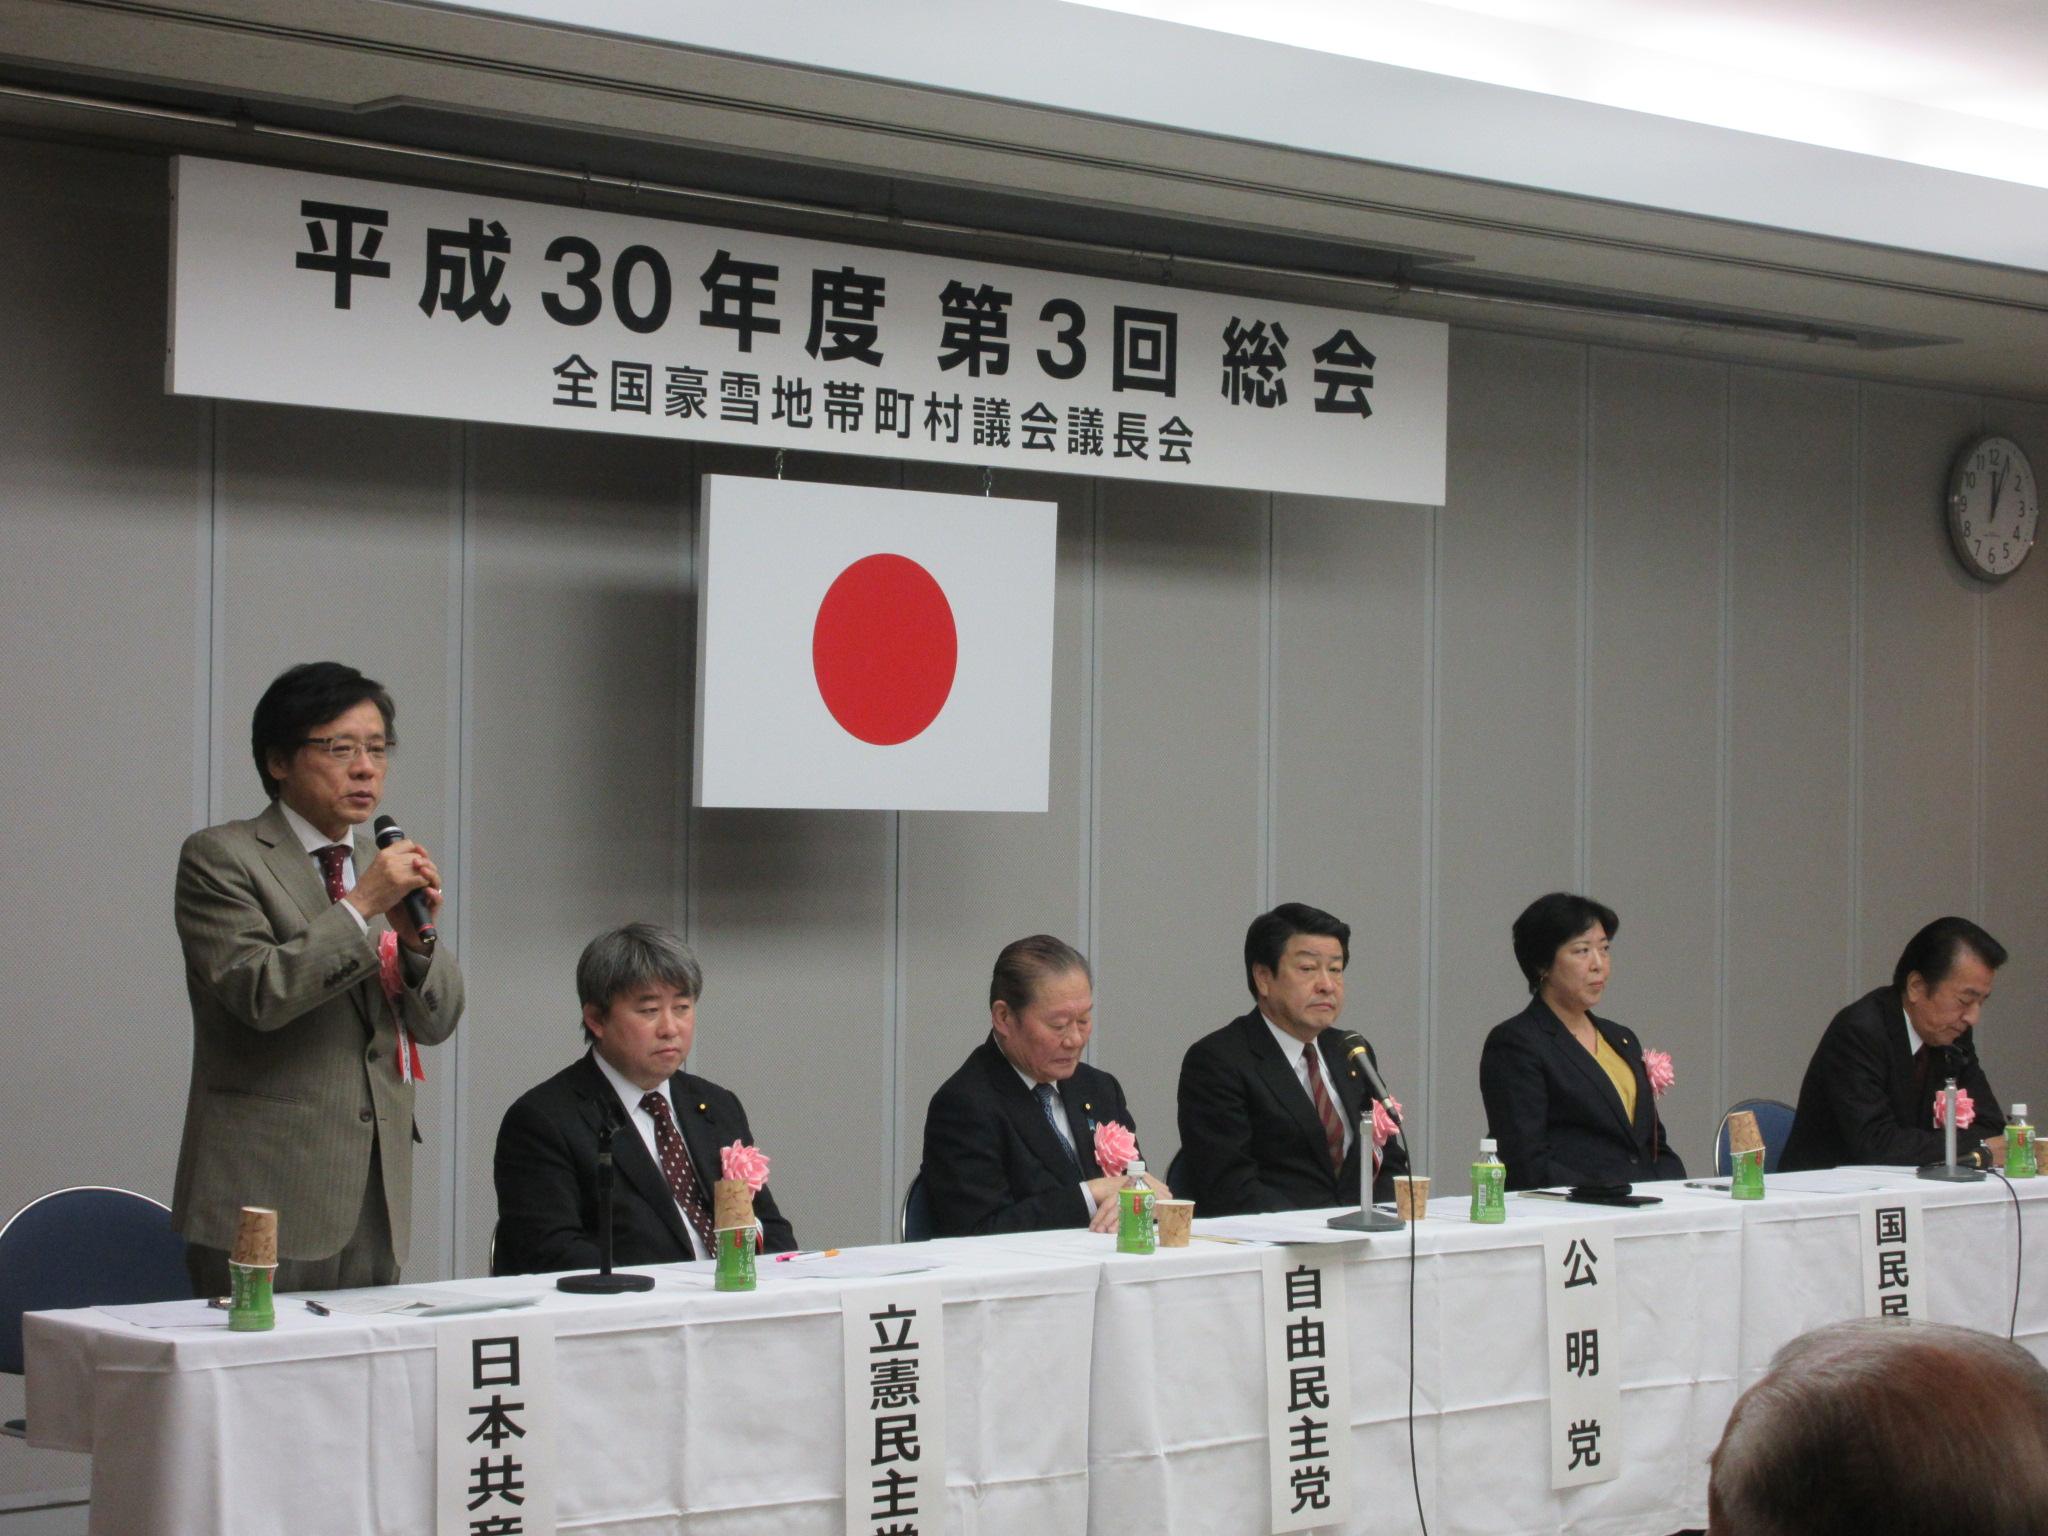 http://www.inoue-satoshi.com/diary/IMG_8269.JPG